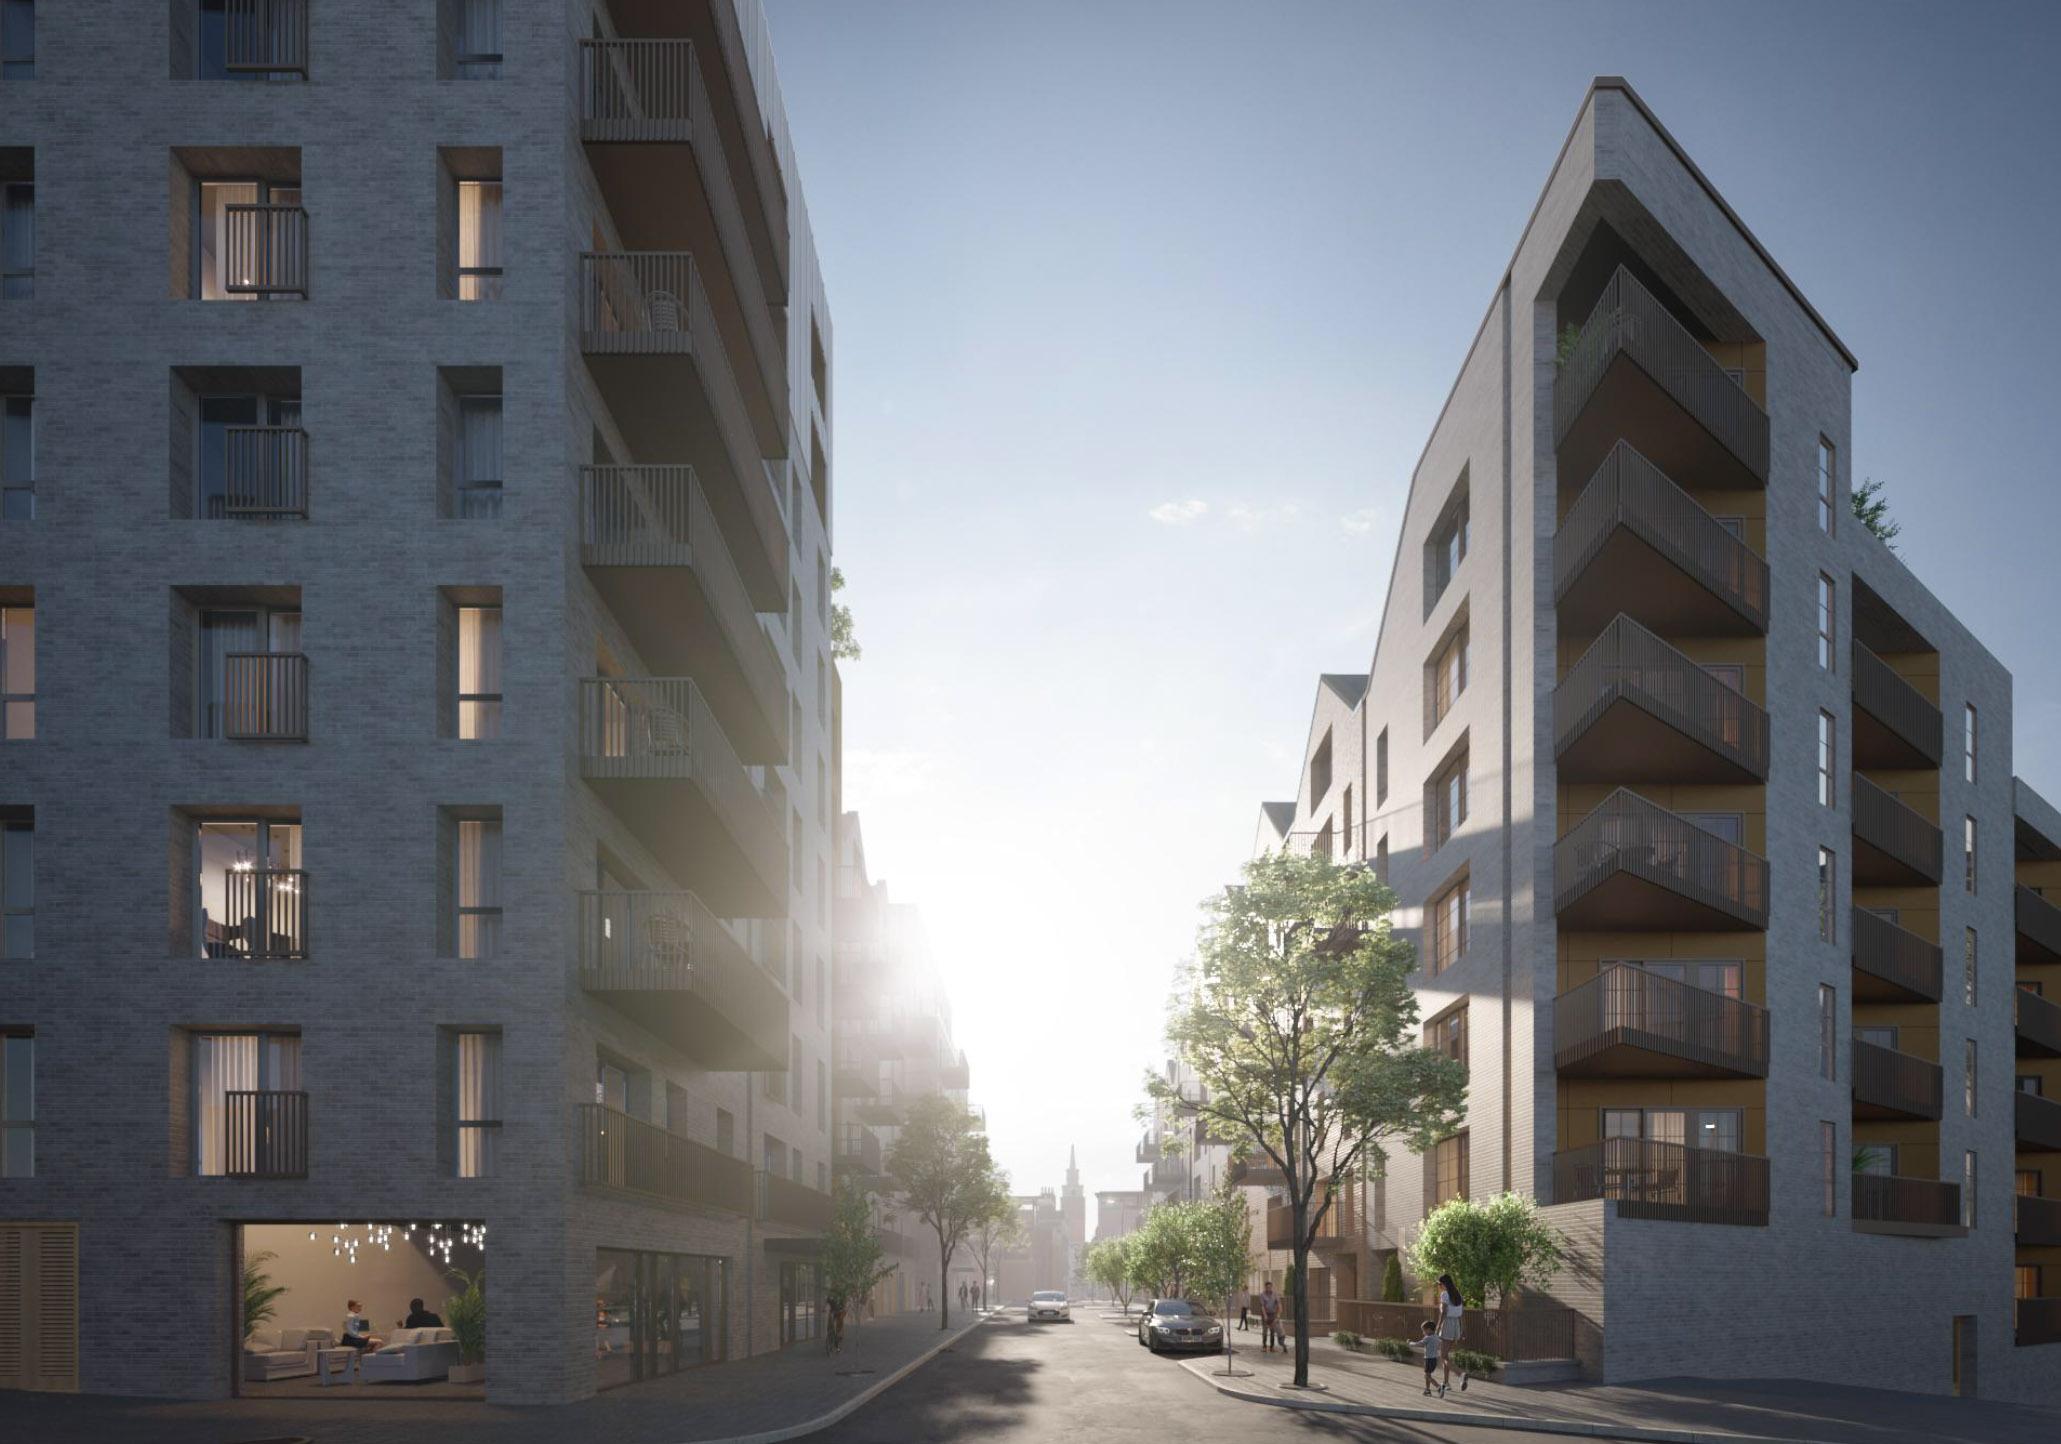 Revere_Gravesend_Eastern_Quarter-3